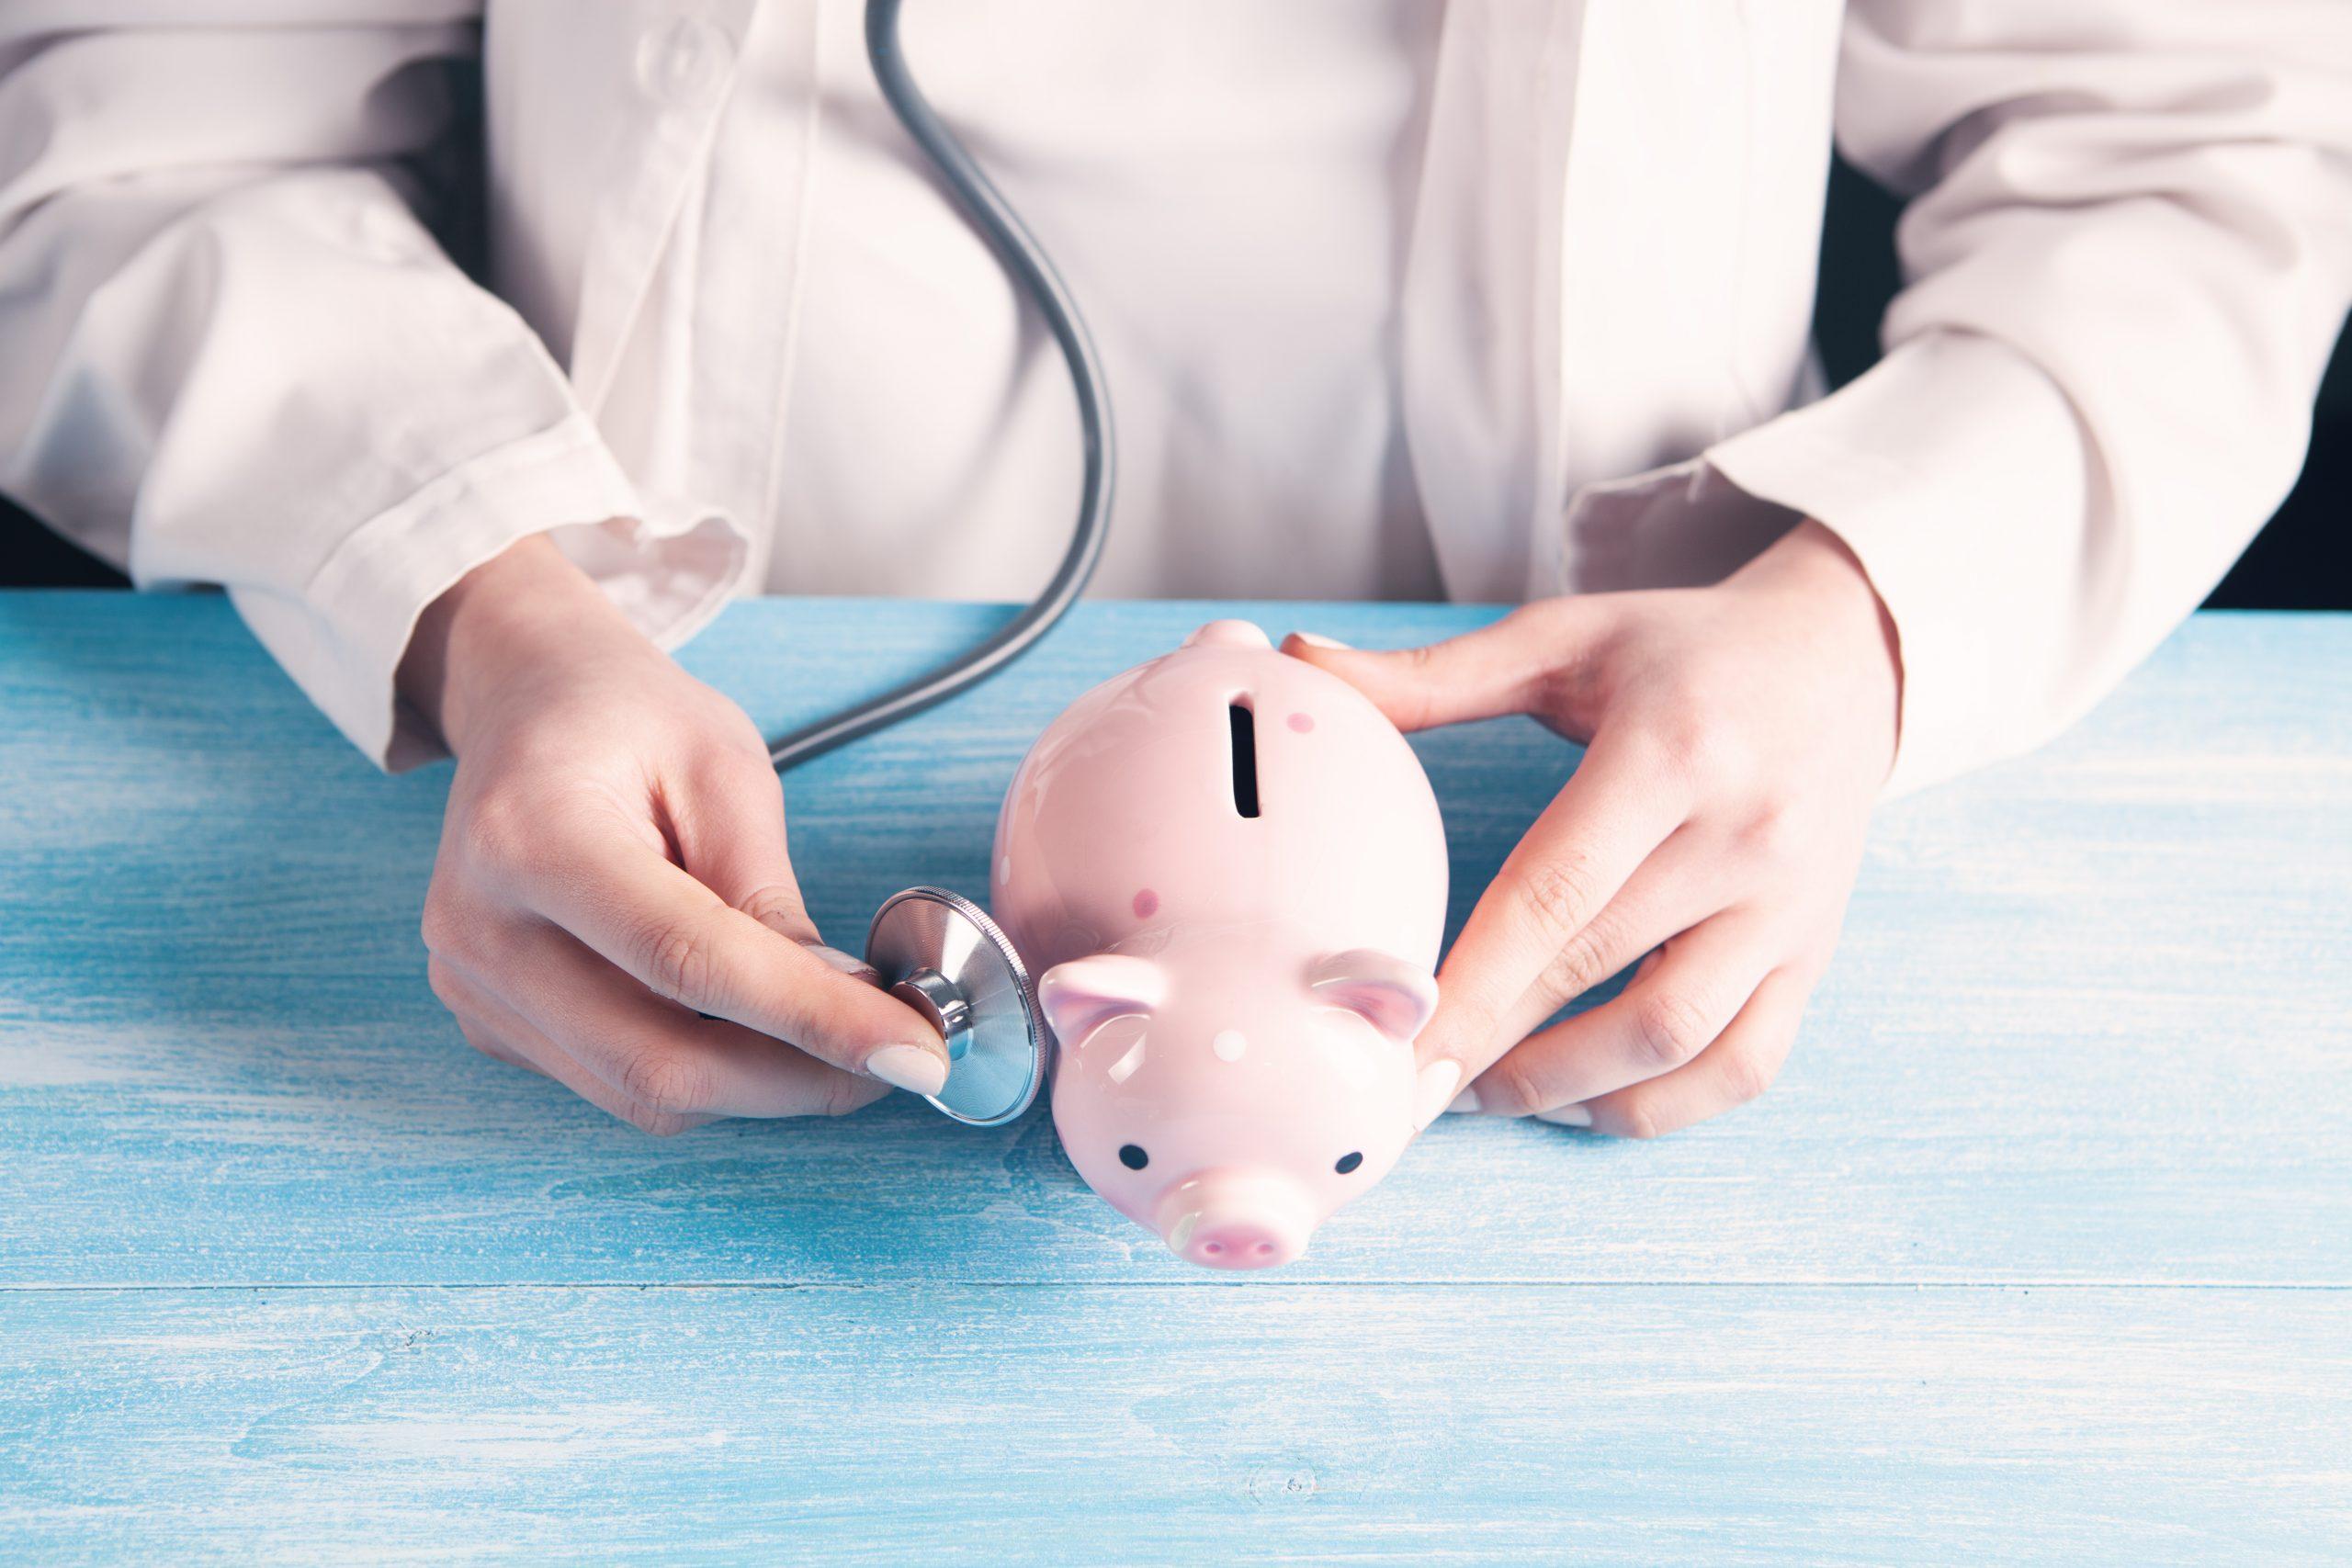 Reajuste negativo: entenda a redução na mensalidade nos planos de saúde